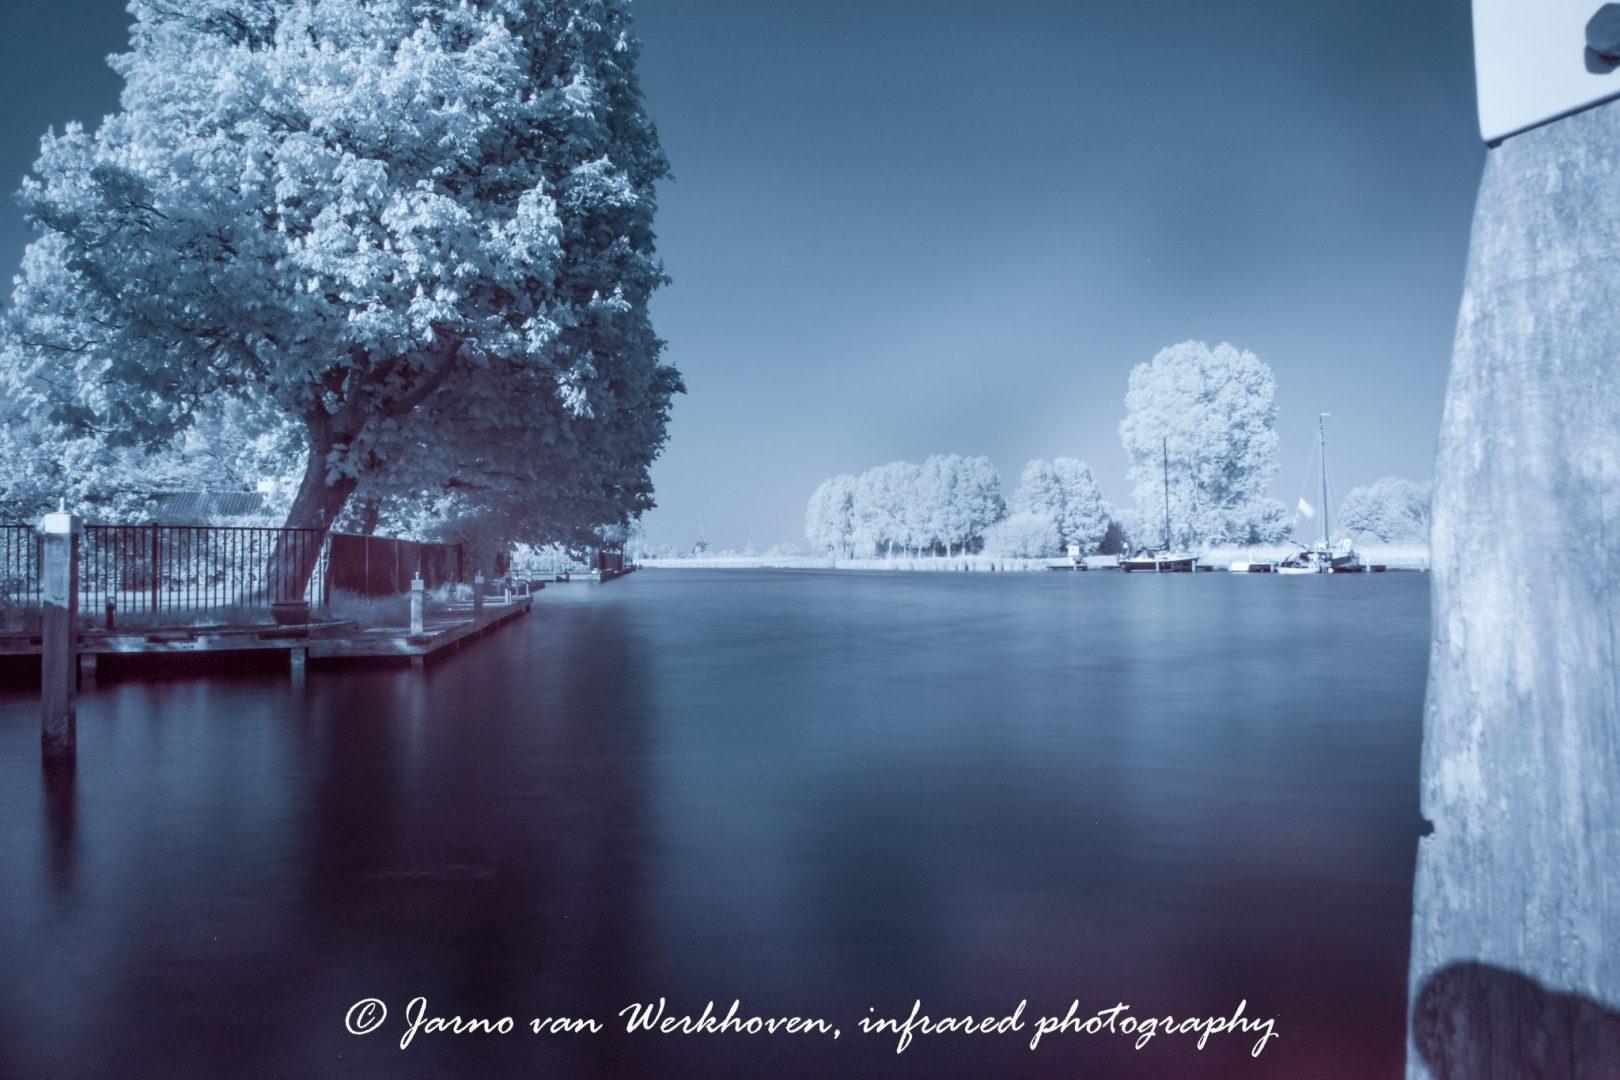 Infrarood Eiland Koudenhoorn Warmond